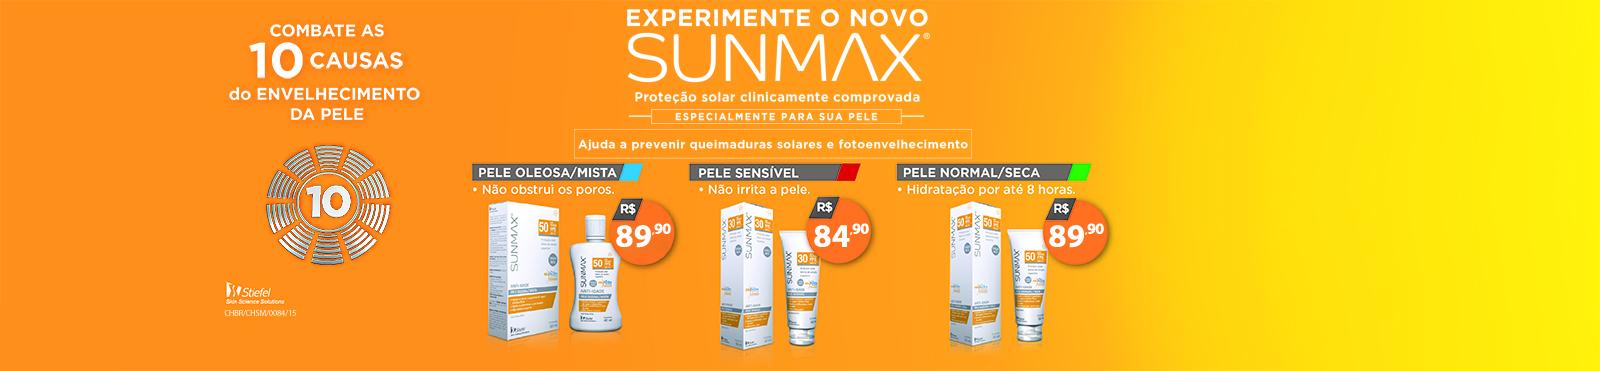 Sunmax Outubro